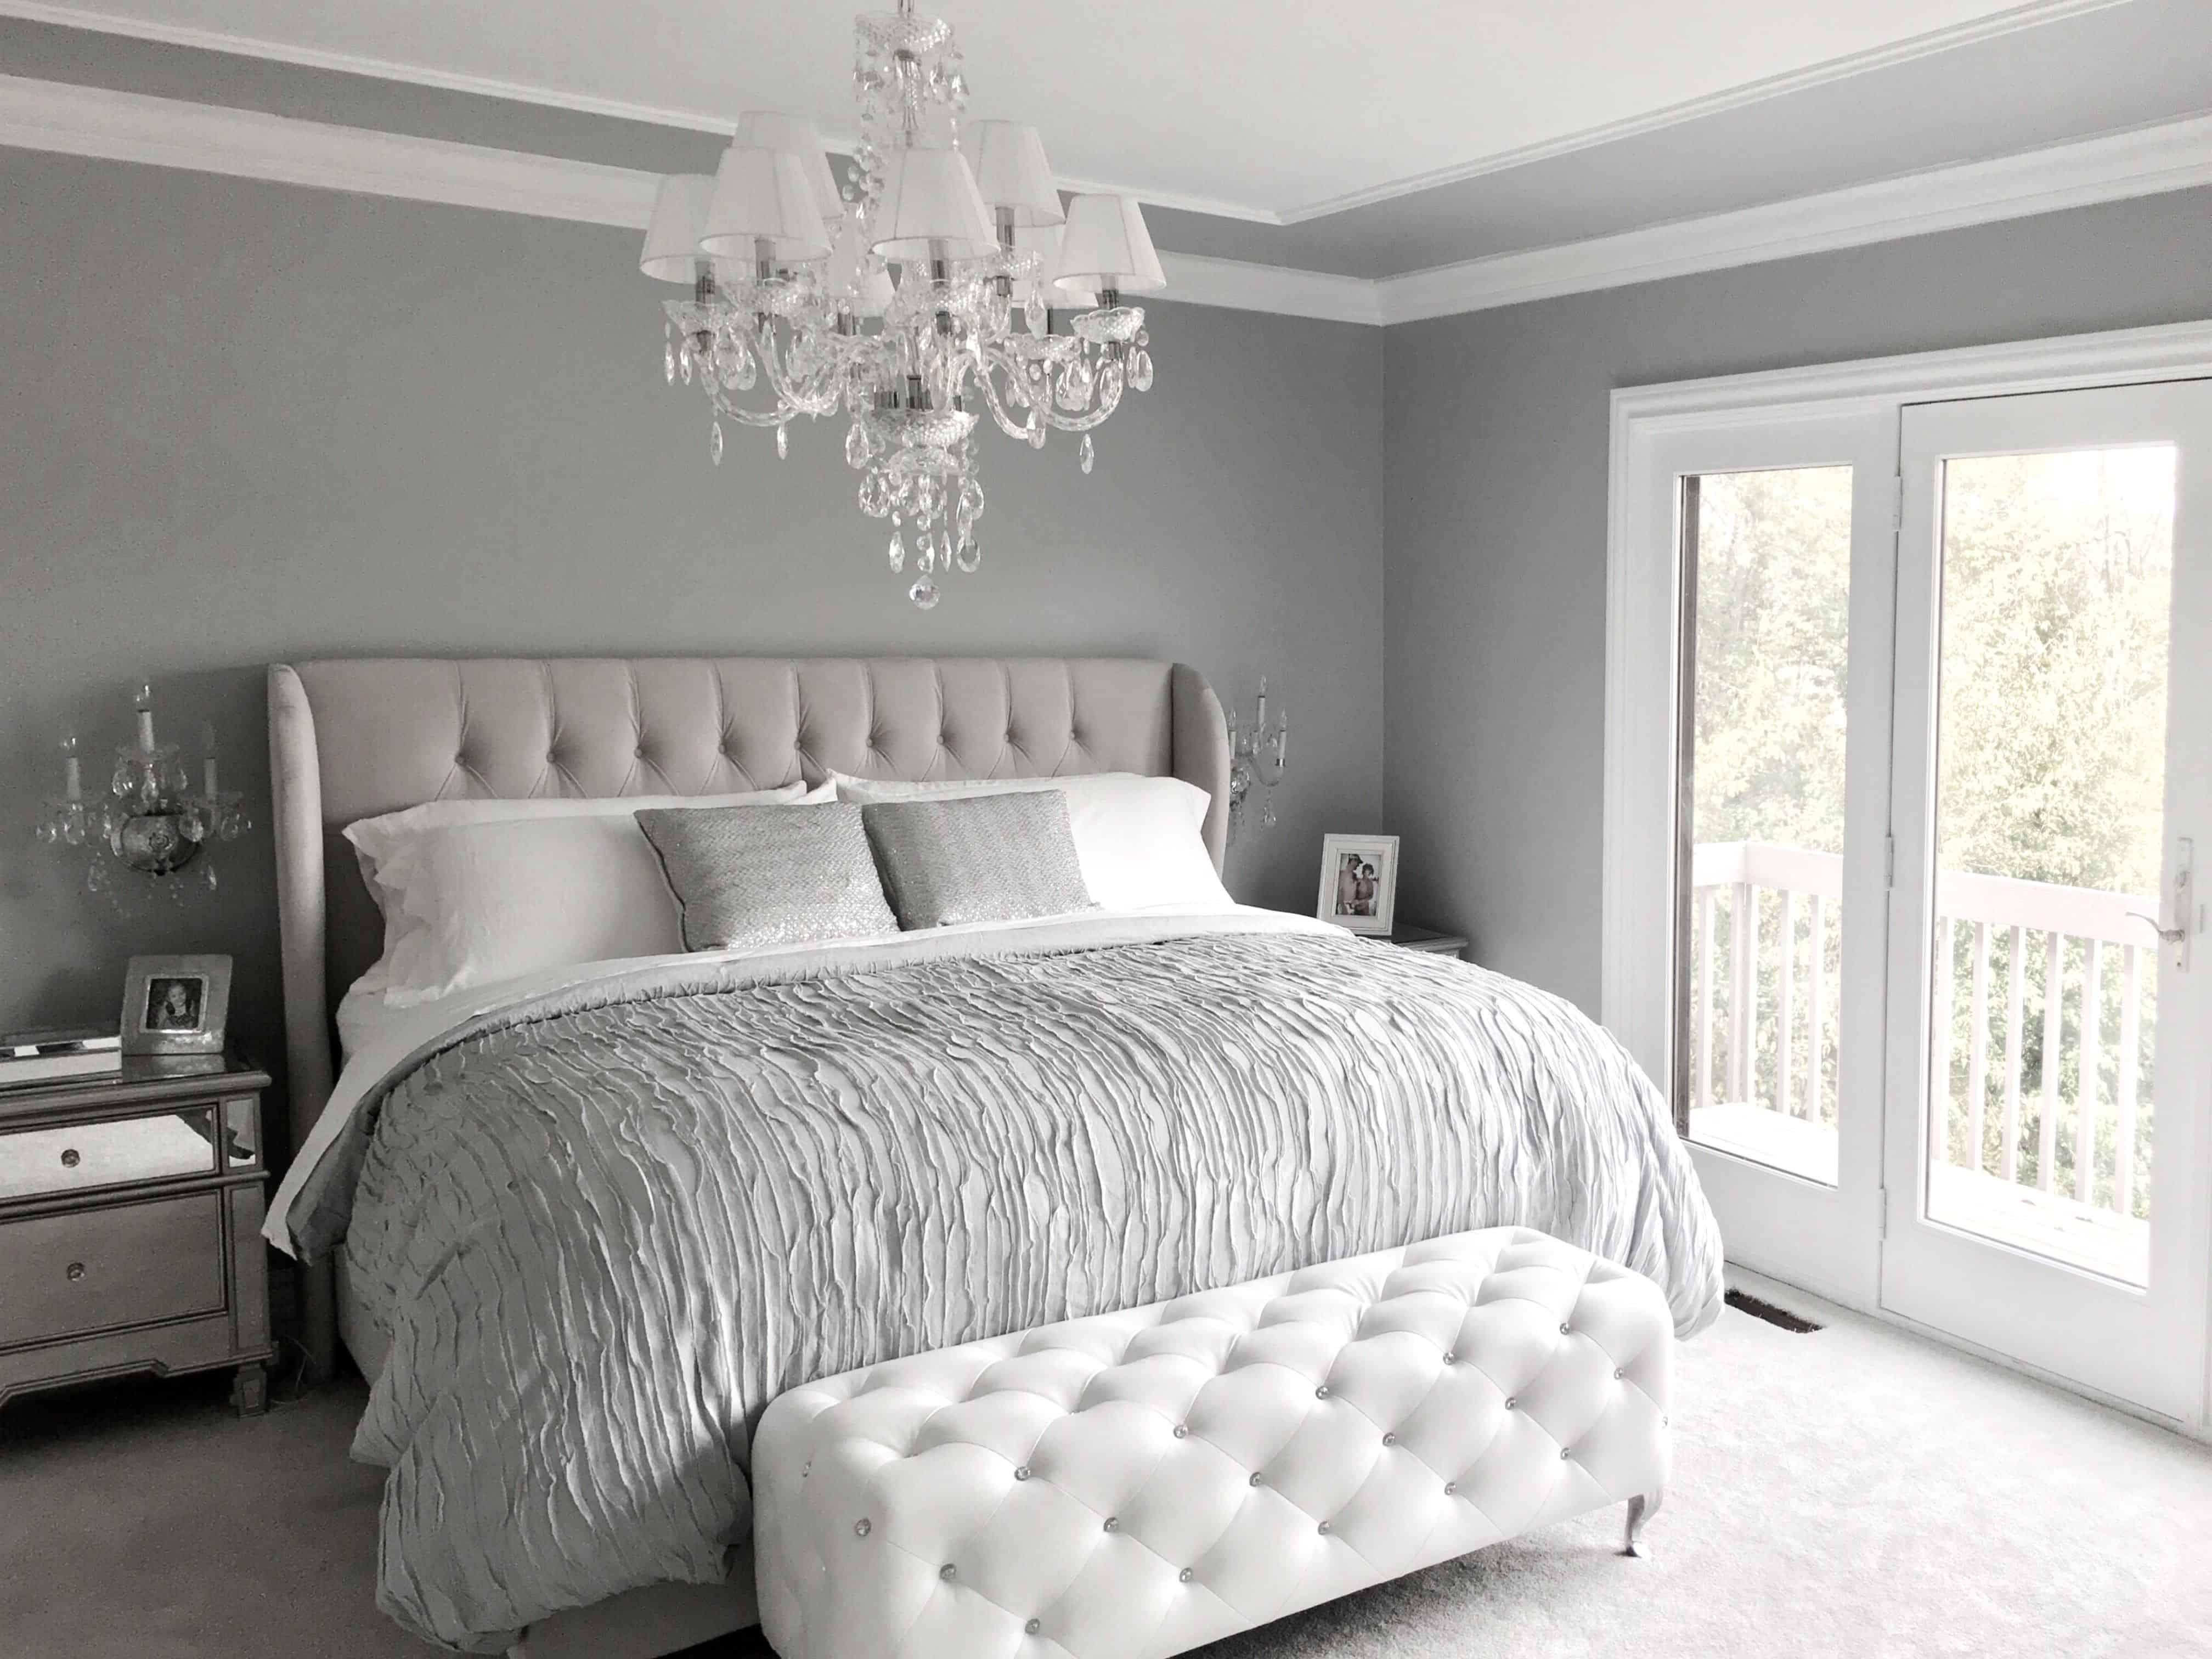 Coole Möglichkeiten, Velvet Decor in Ihr Zuhause zu bringen ...